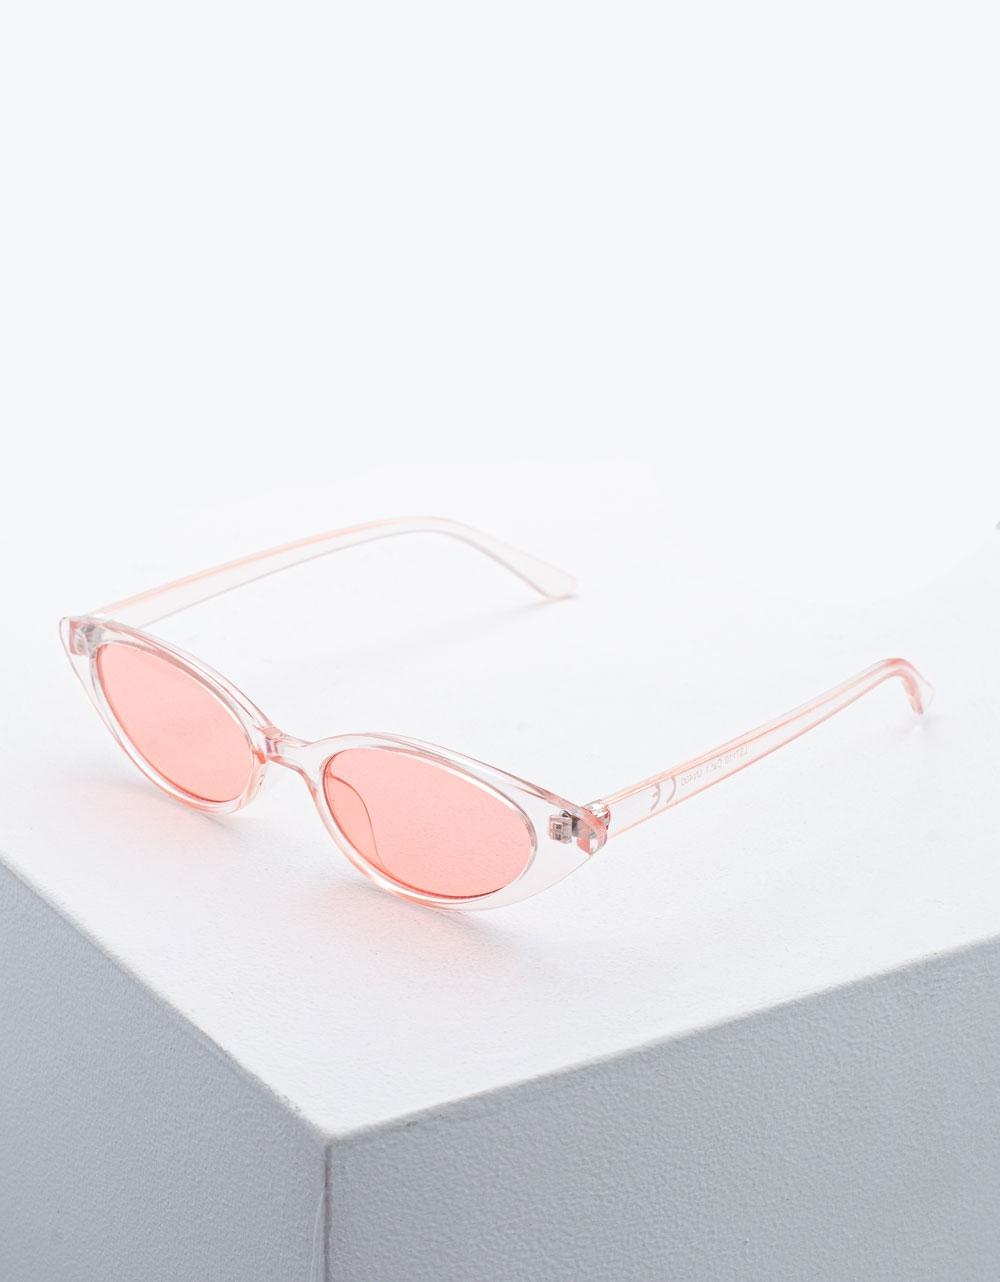 Εικόνα από Γυναικεία γυαλιά ηλίου με χρώμα στο φακό Ροζ